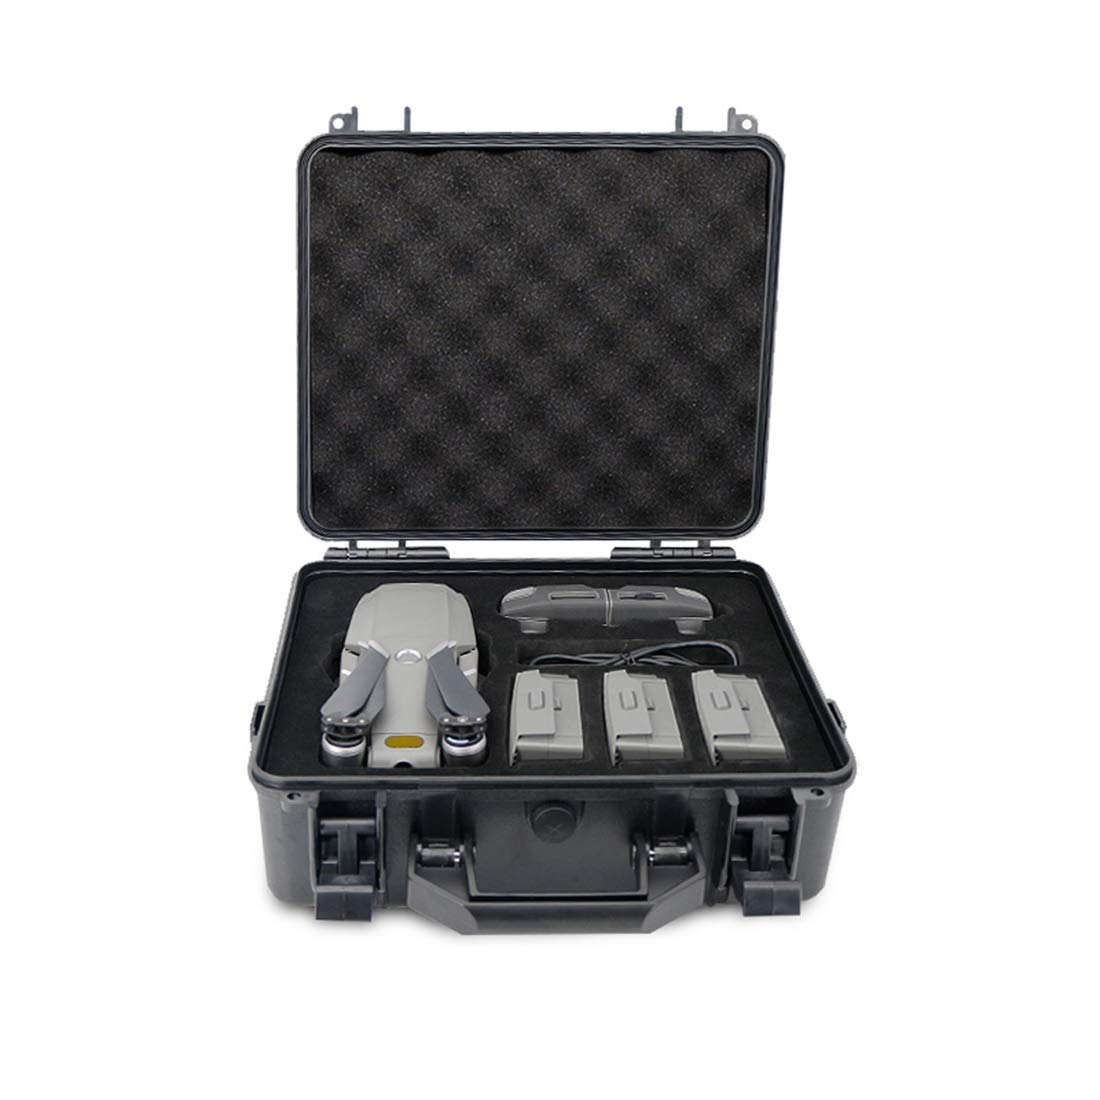 Likeluk Tragetasche for DJI Mavic 2 Pro/Mavic 2 Zoom, Zoom, Zoom, Explosionssicherer Aufbewahrungsbehälter Hülle Hartschalen Koffer - Schwarz 0d0007